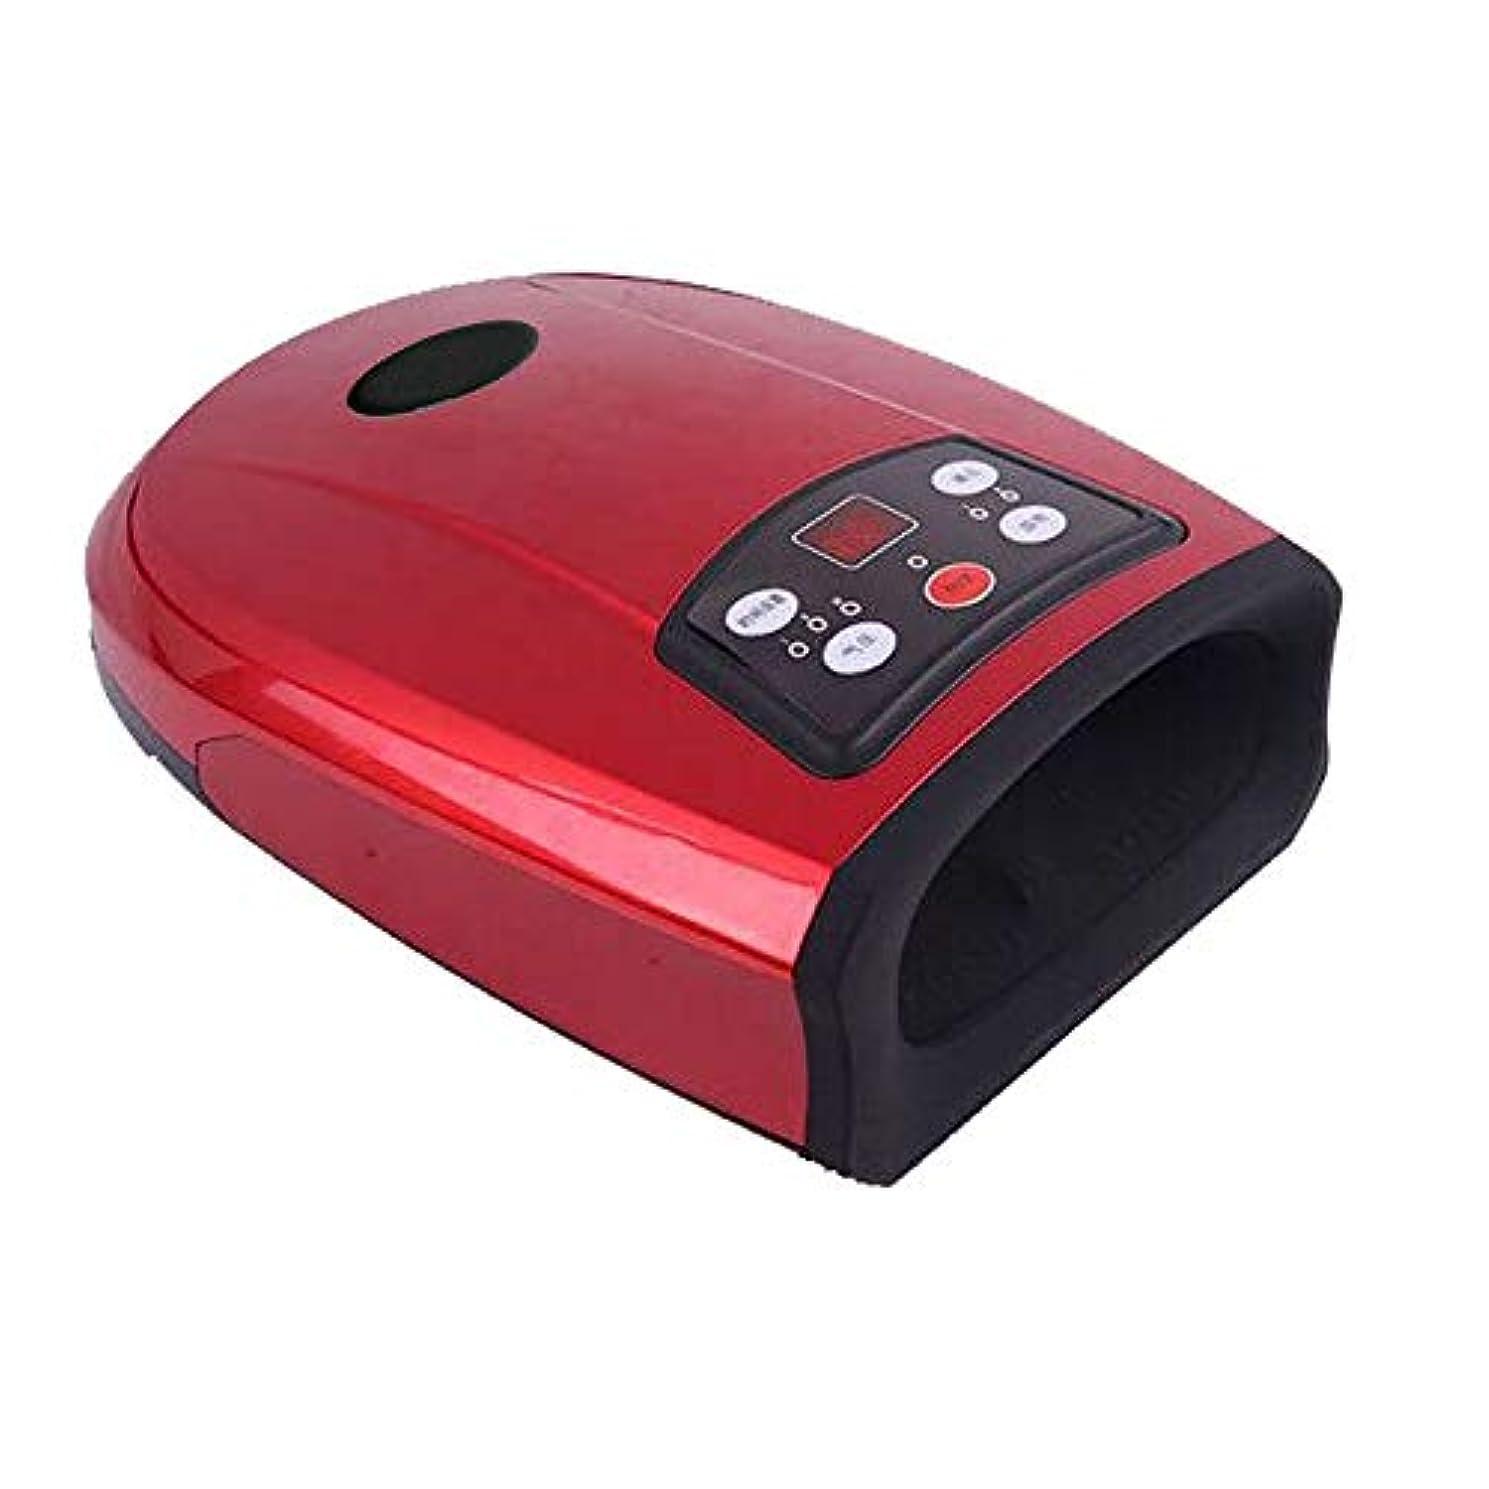 共和党ショッキングれる指のための空気圧熱圧縮装置が付いている指圧のやし手のマッサージ緊張のしびれの救助および血の循環の加速,Red